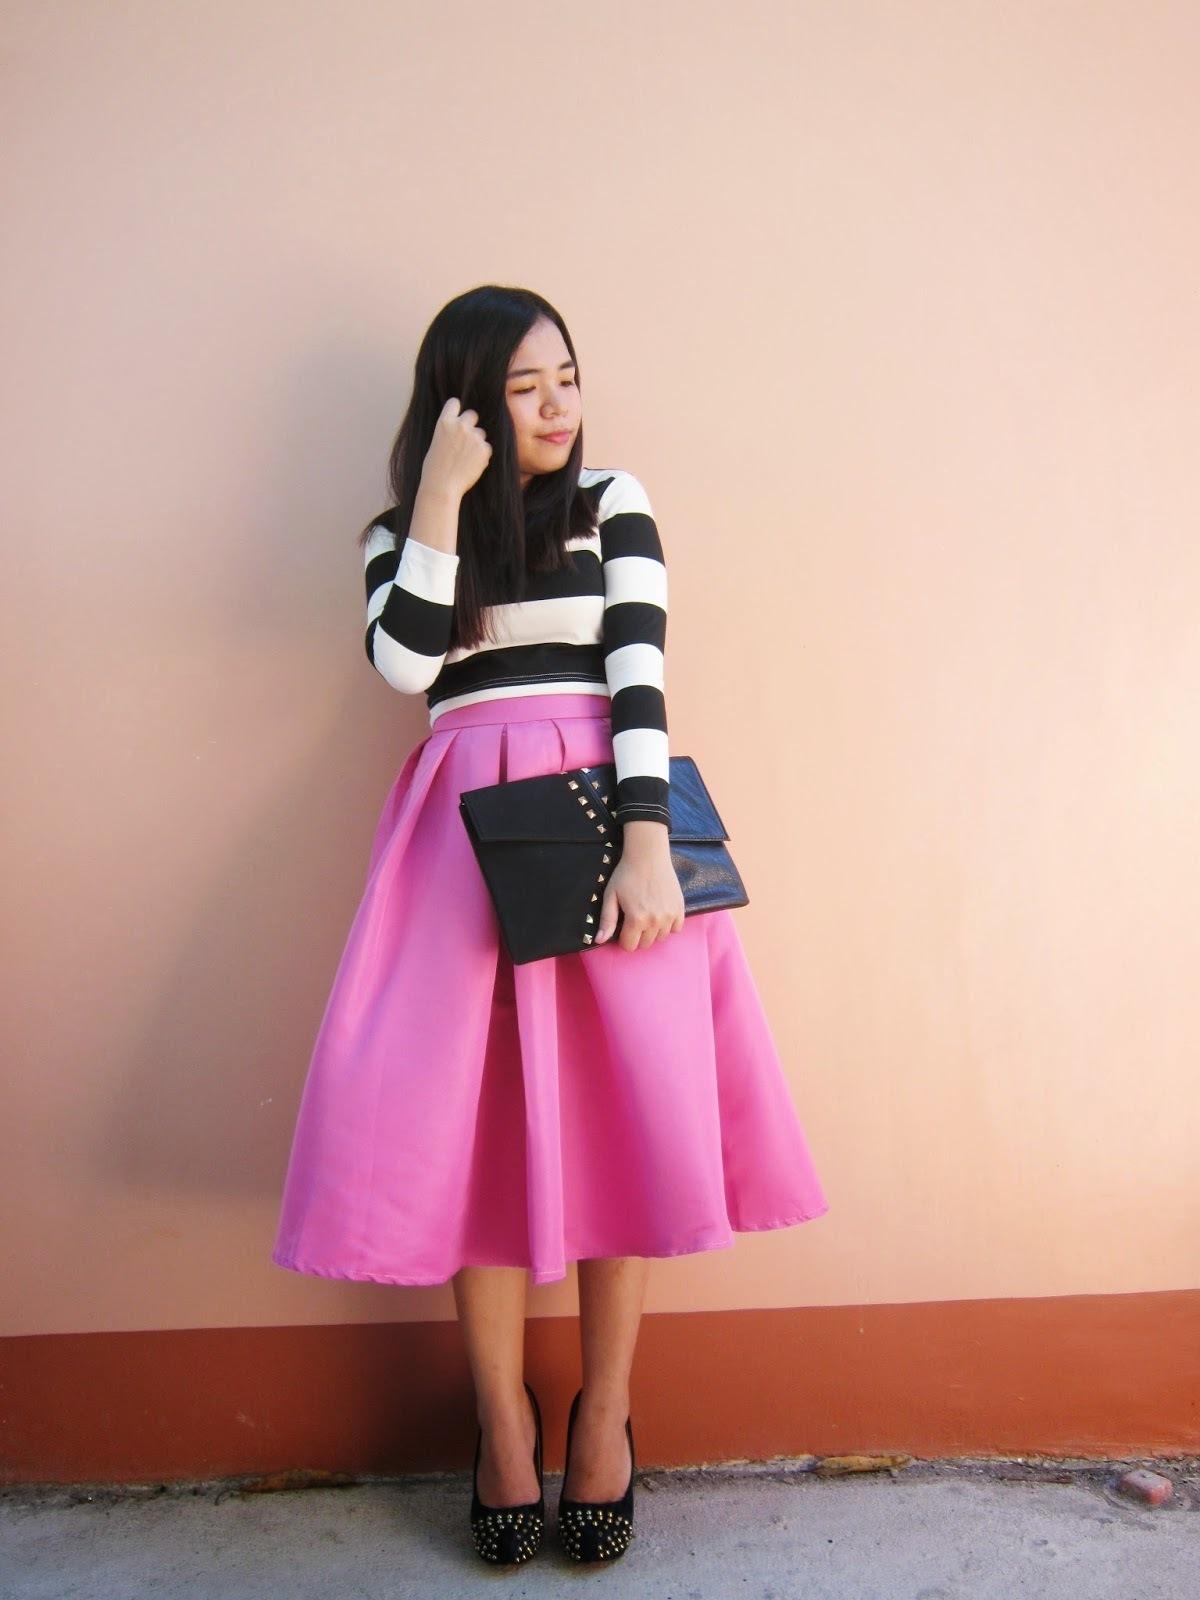 8f6f0d3c0 Cómo combinar una falda midi rosa (66 looks de moda) | Moda para ...